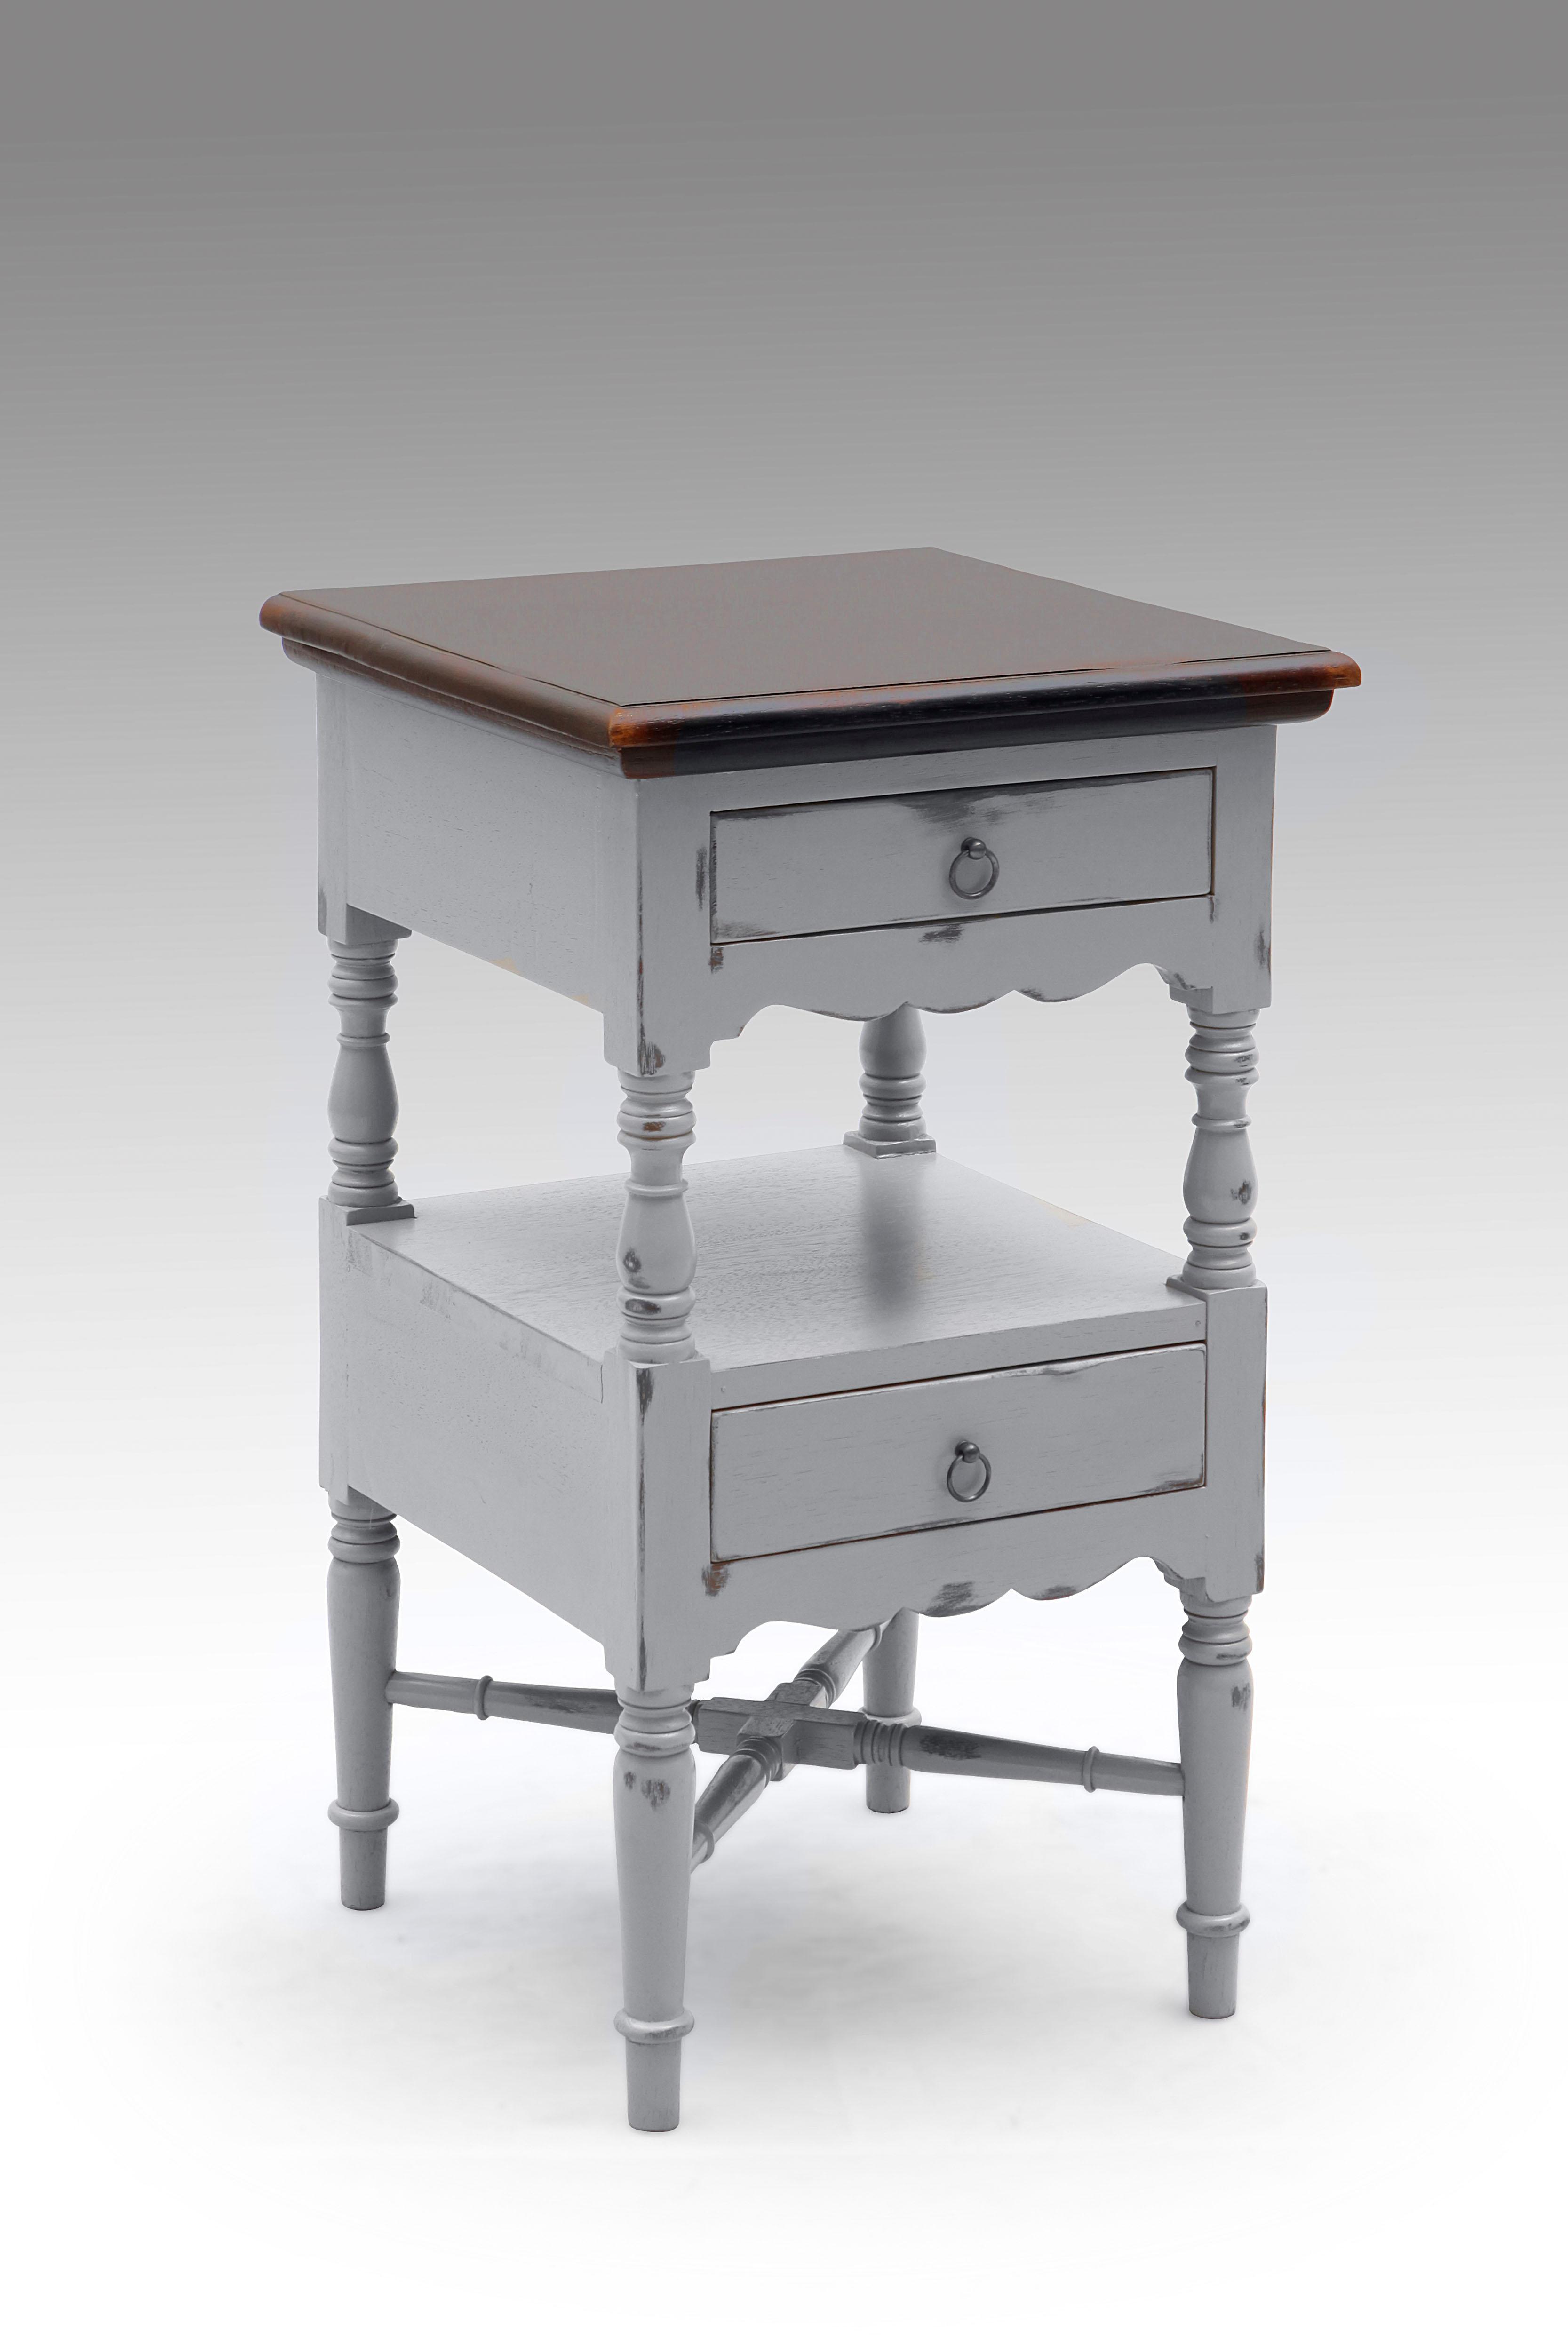 SIT BeistelltischSpa in Vintage-Optik Wohnen/Räume/Wohnzimmer/Couchtische & Beistelltische/Beistelltische